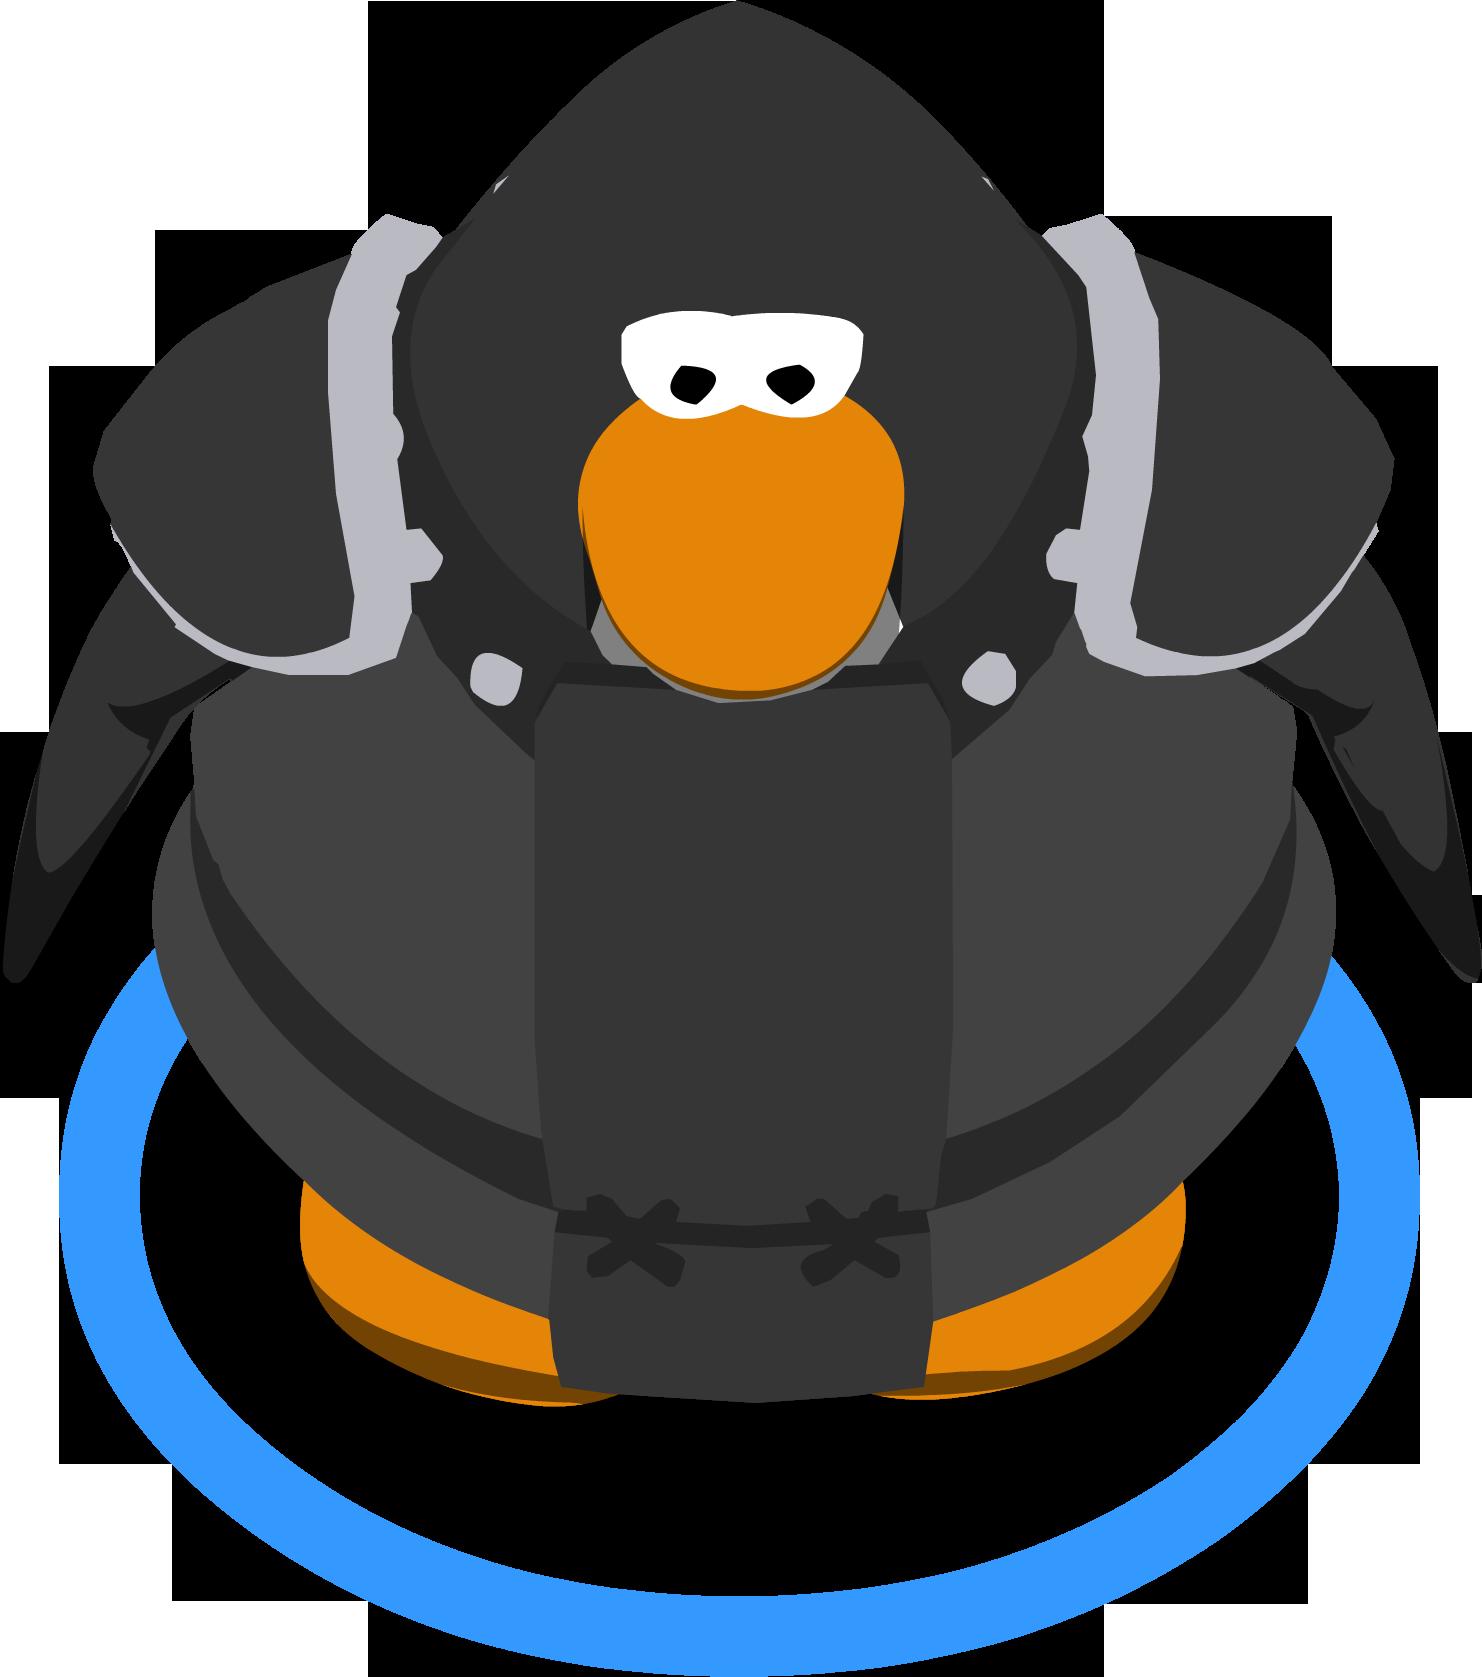 Frozen clipart penguin. Image armor png club